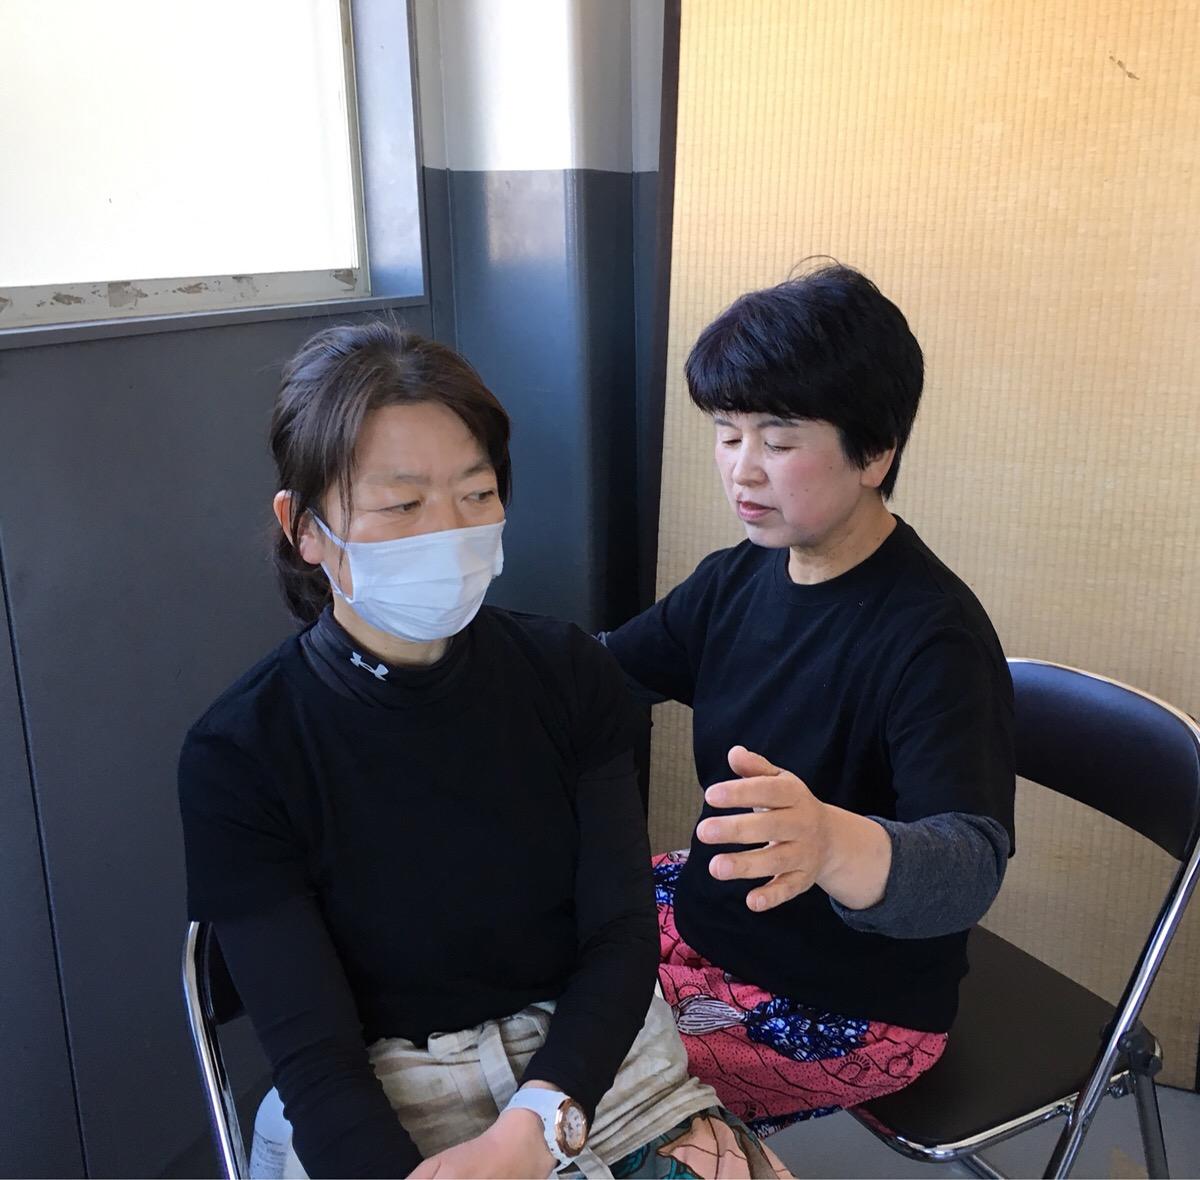 ハンドヒーリングの施療を行う中村さん